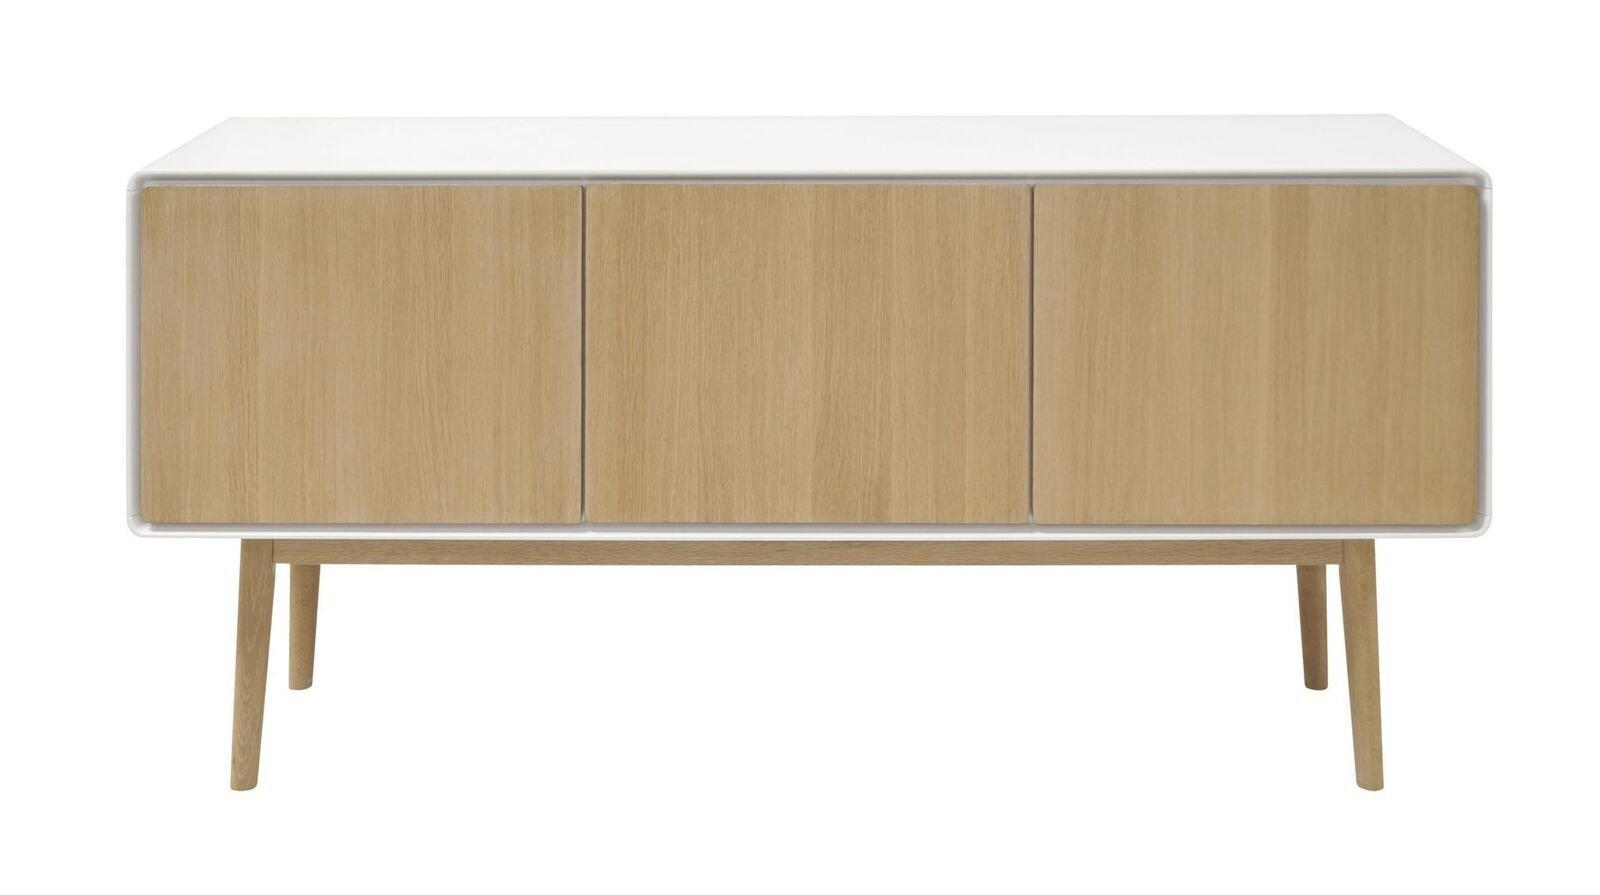 sideboard bell kommode anrichte holz schrank highboard. Black Bedroom Furniture Sets. Home Design Ideas